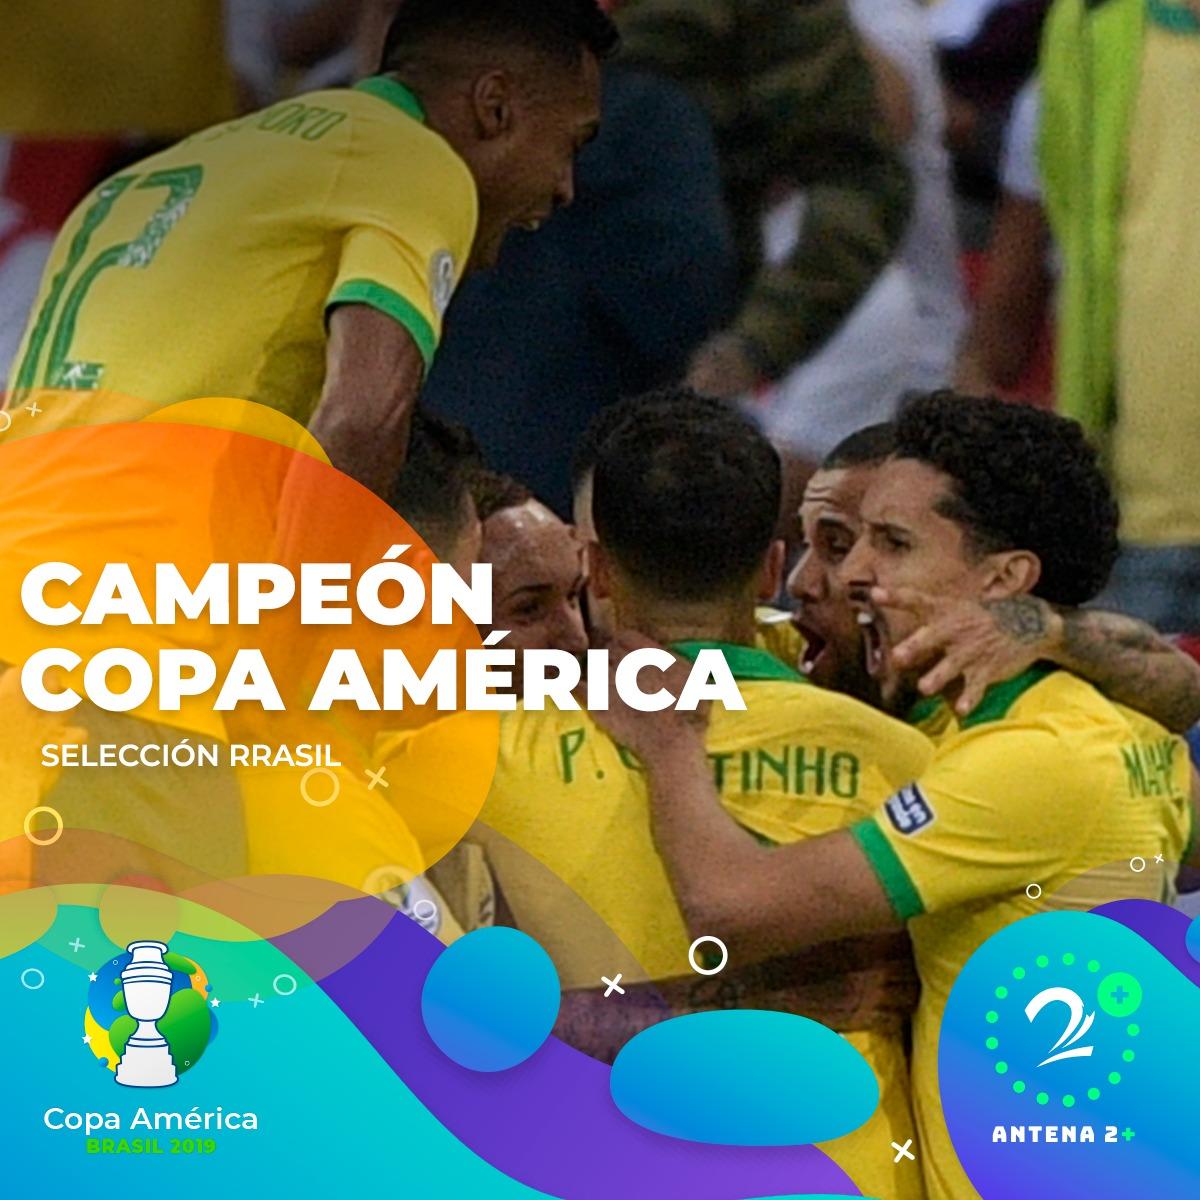 Brasil campeón, Copa América, 2019